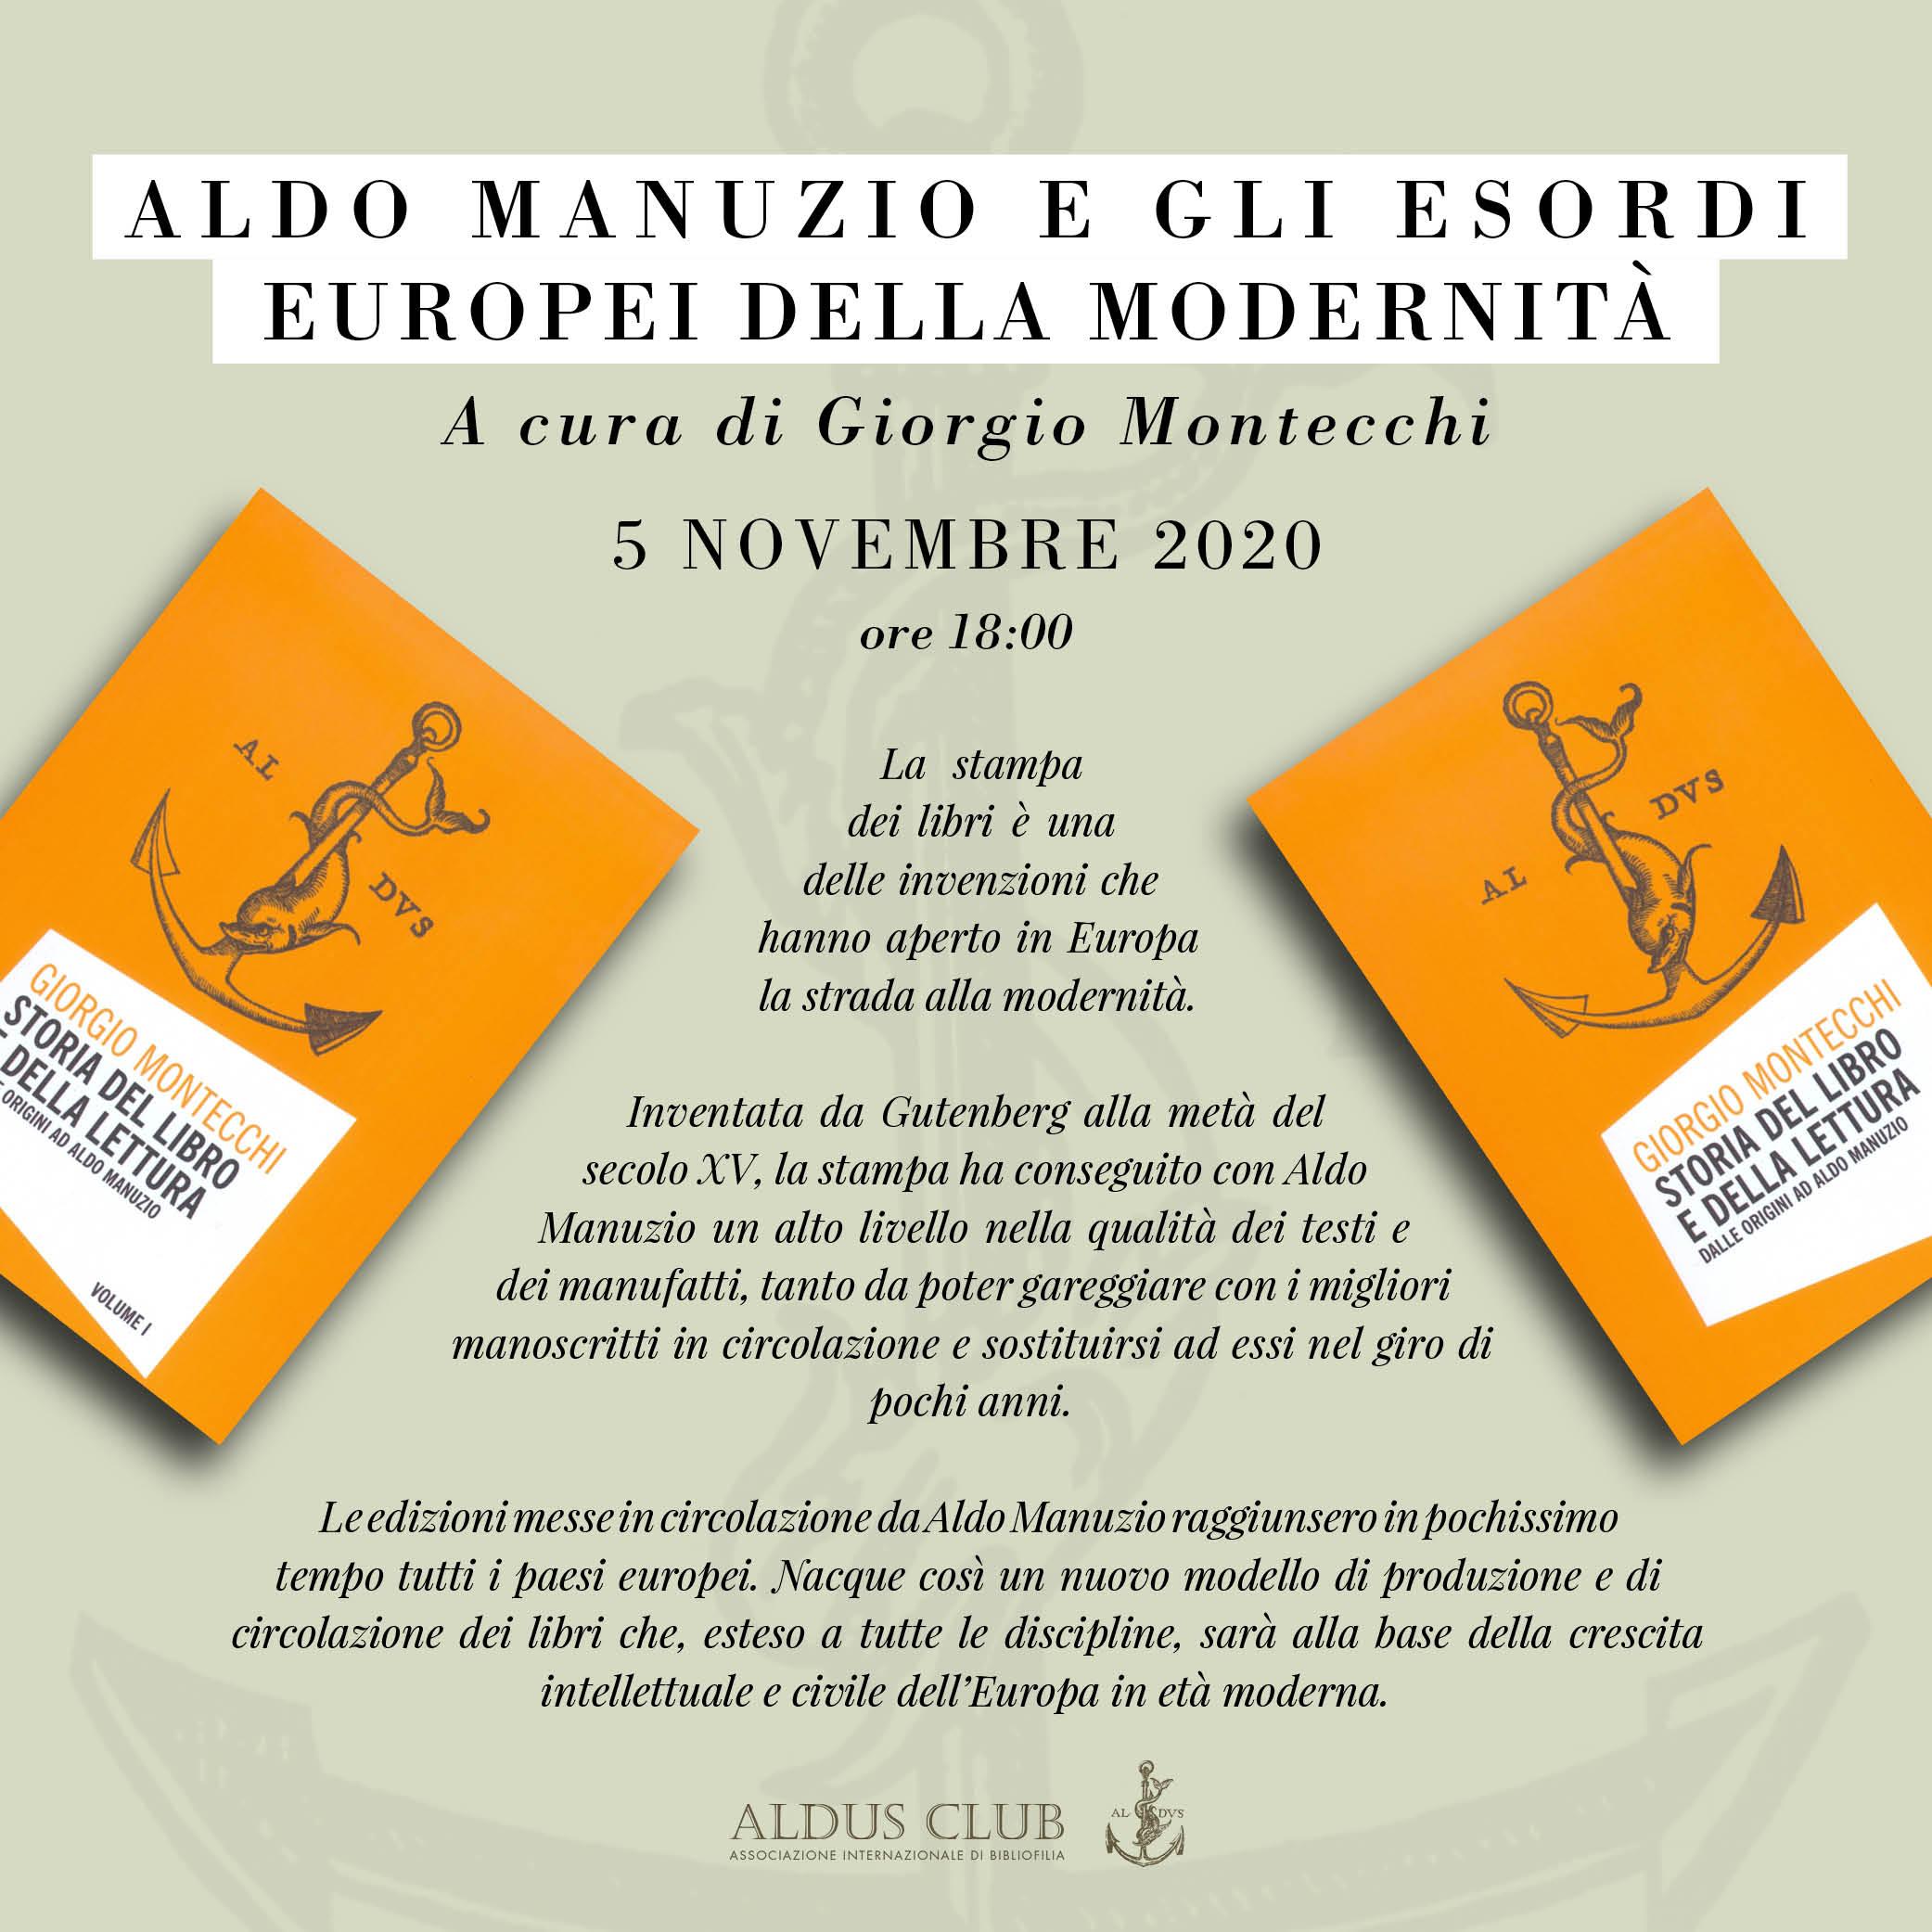 Aldo Manuzio e gli esordi europei della modernità